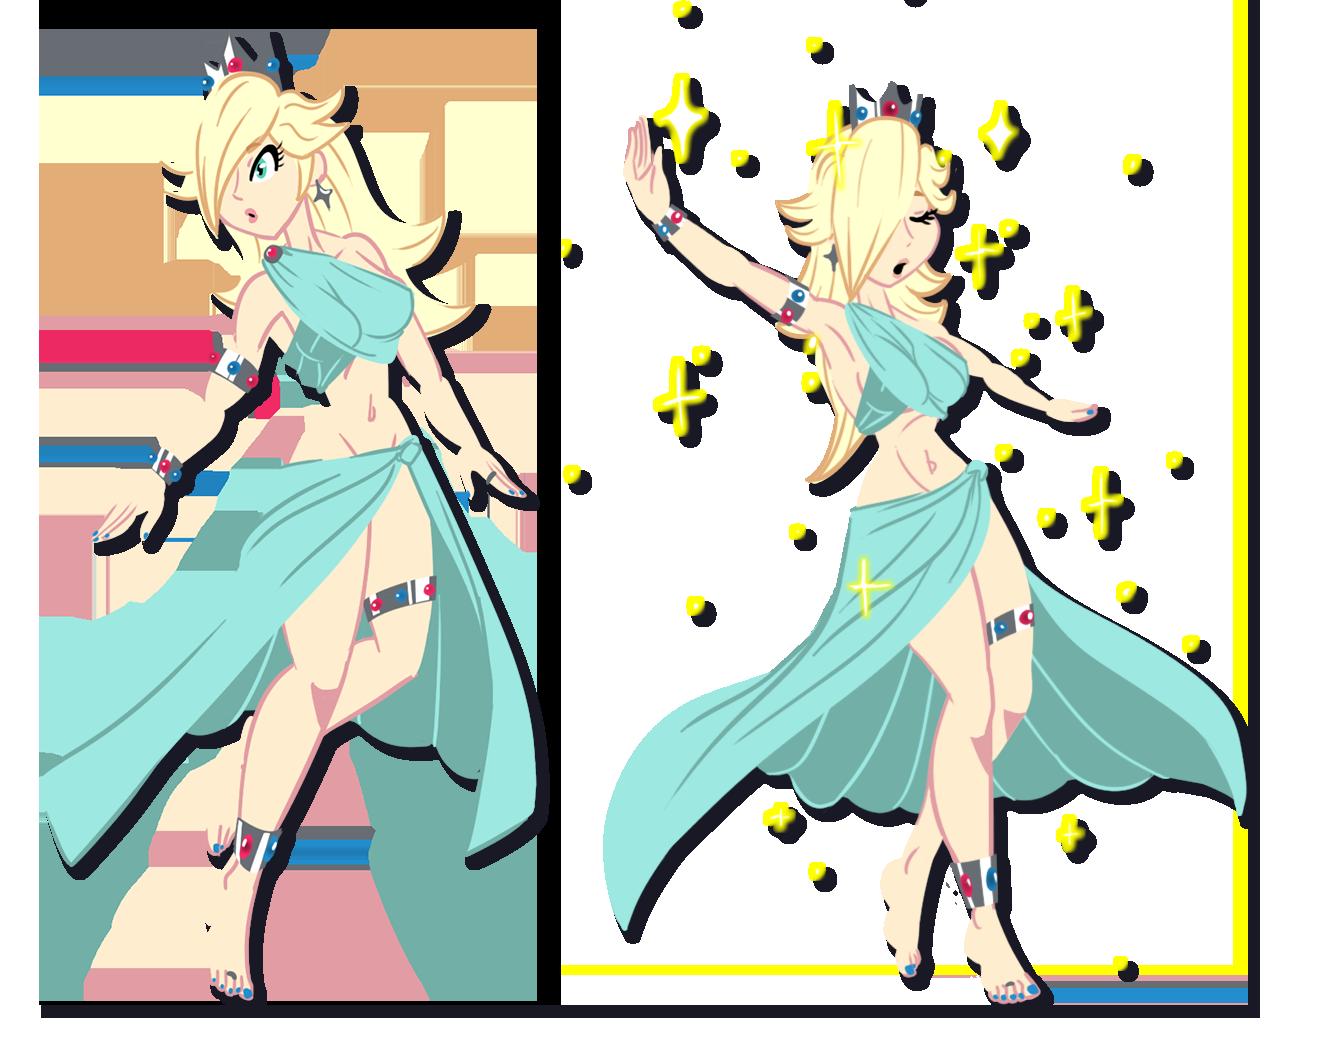 Rosalina - Space Princess